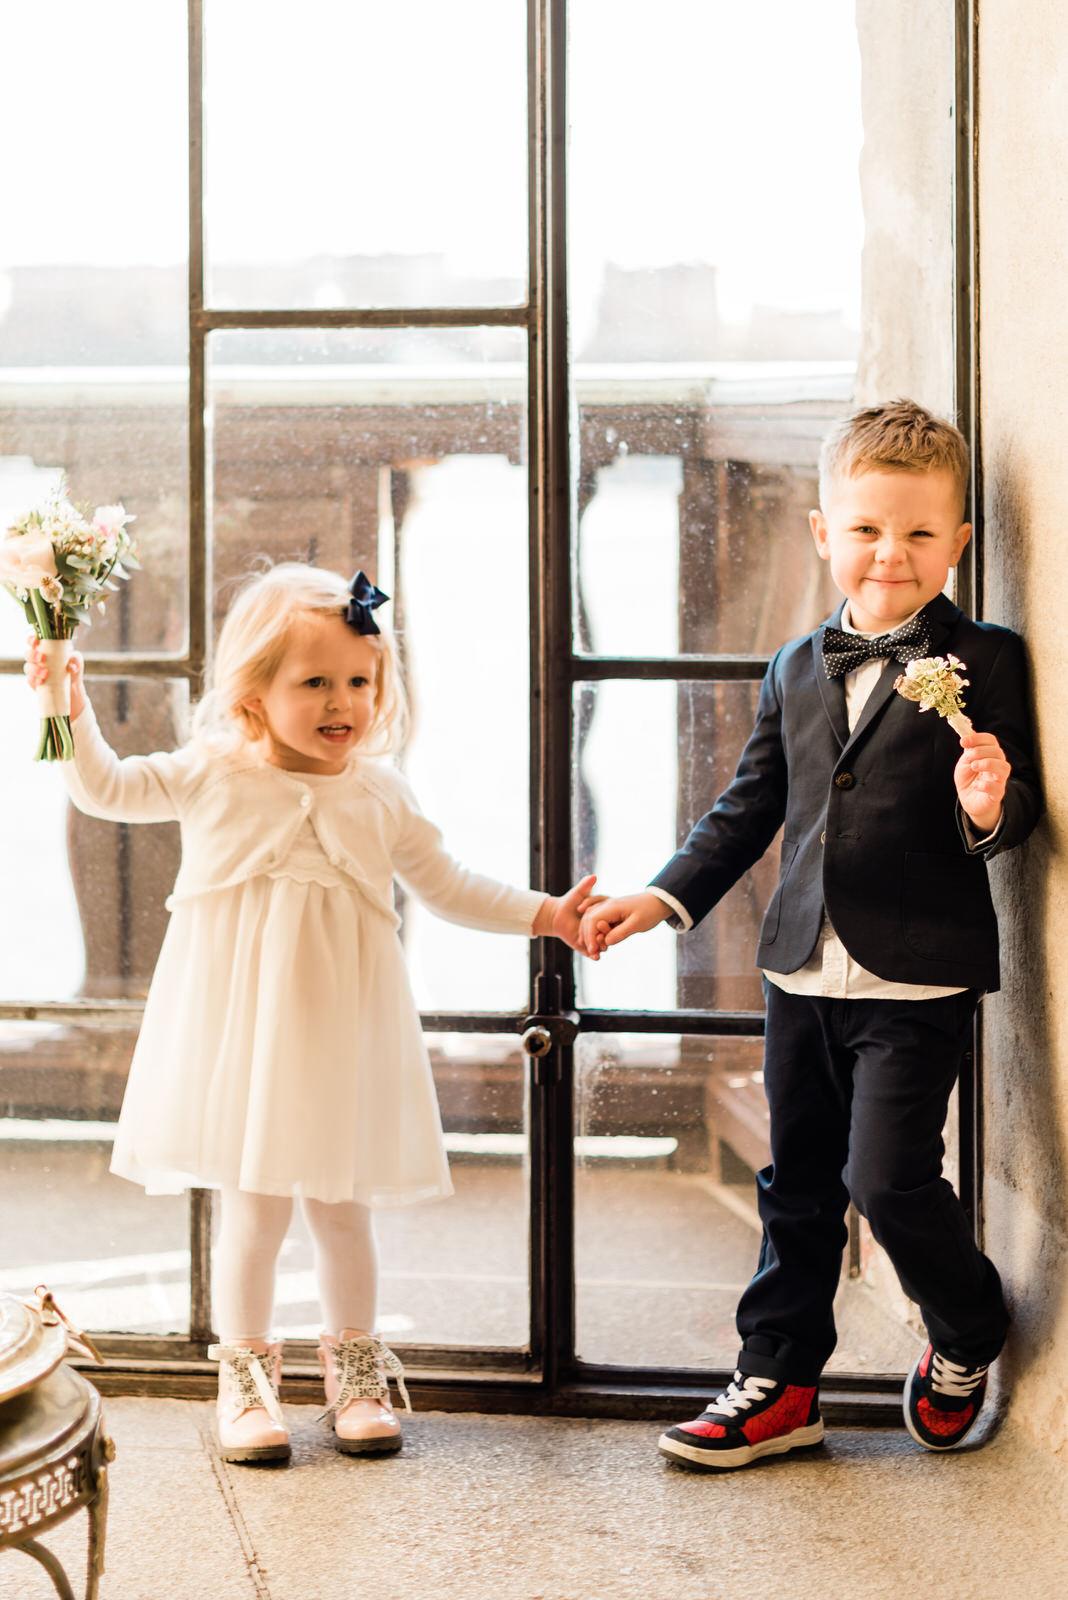 Brudnäbbar vigsel och bröllopsfotografering Stockholms stadshus